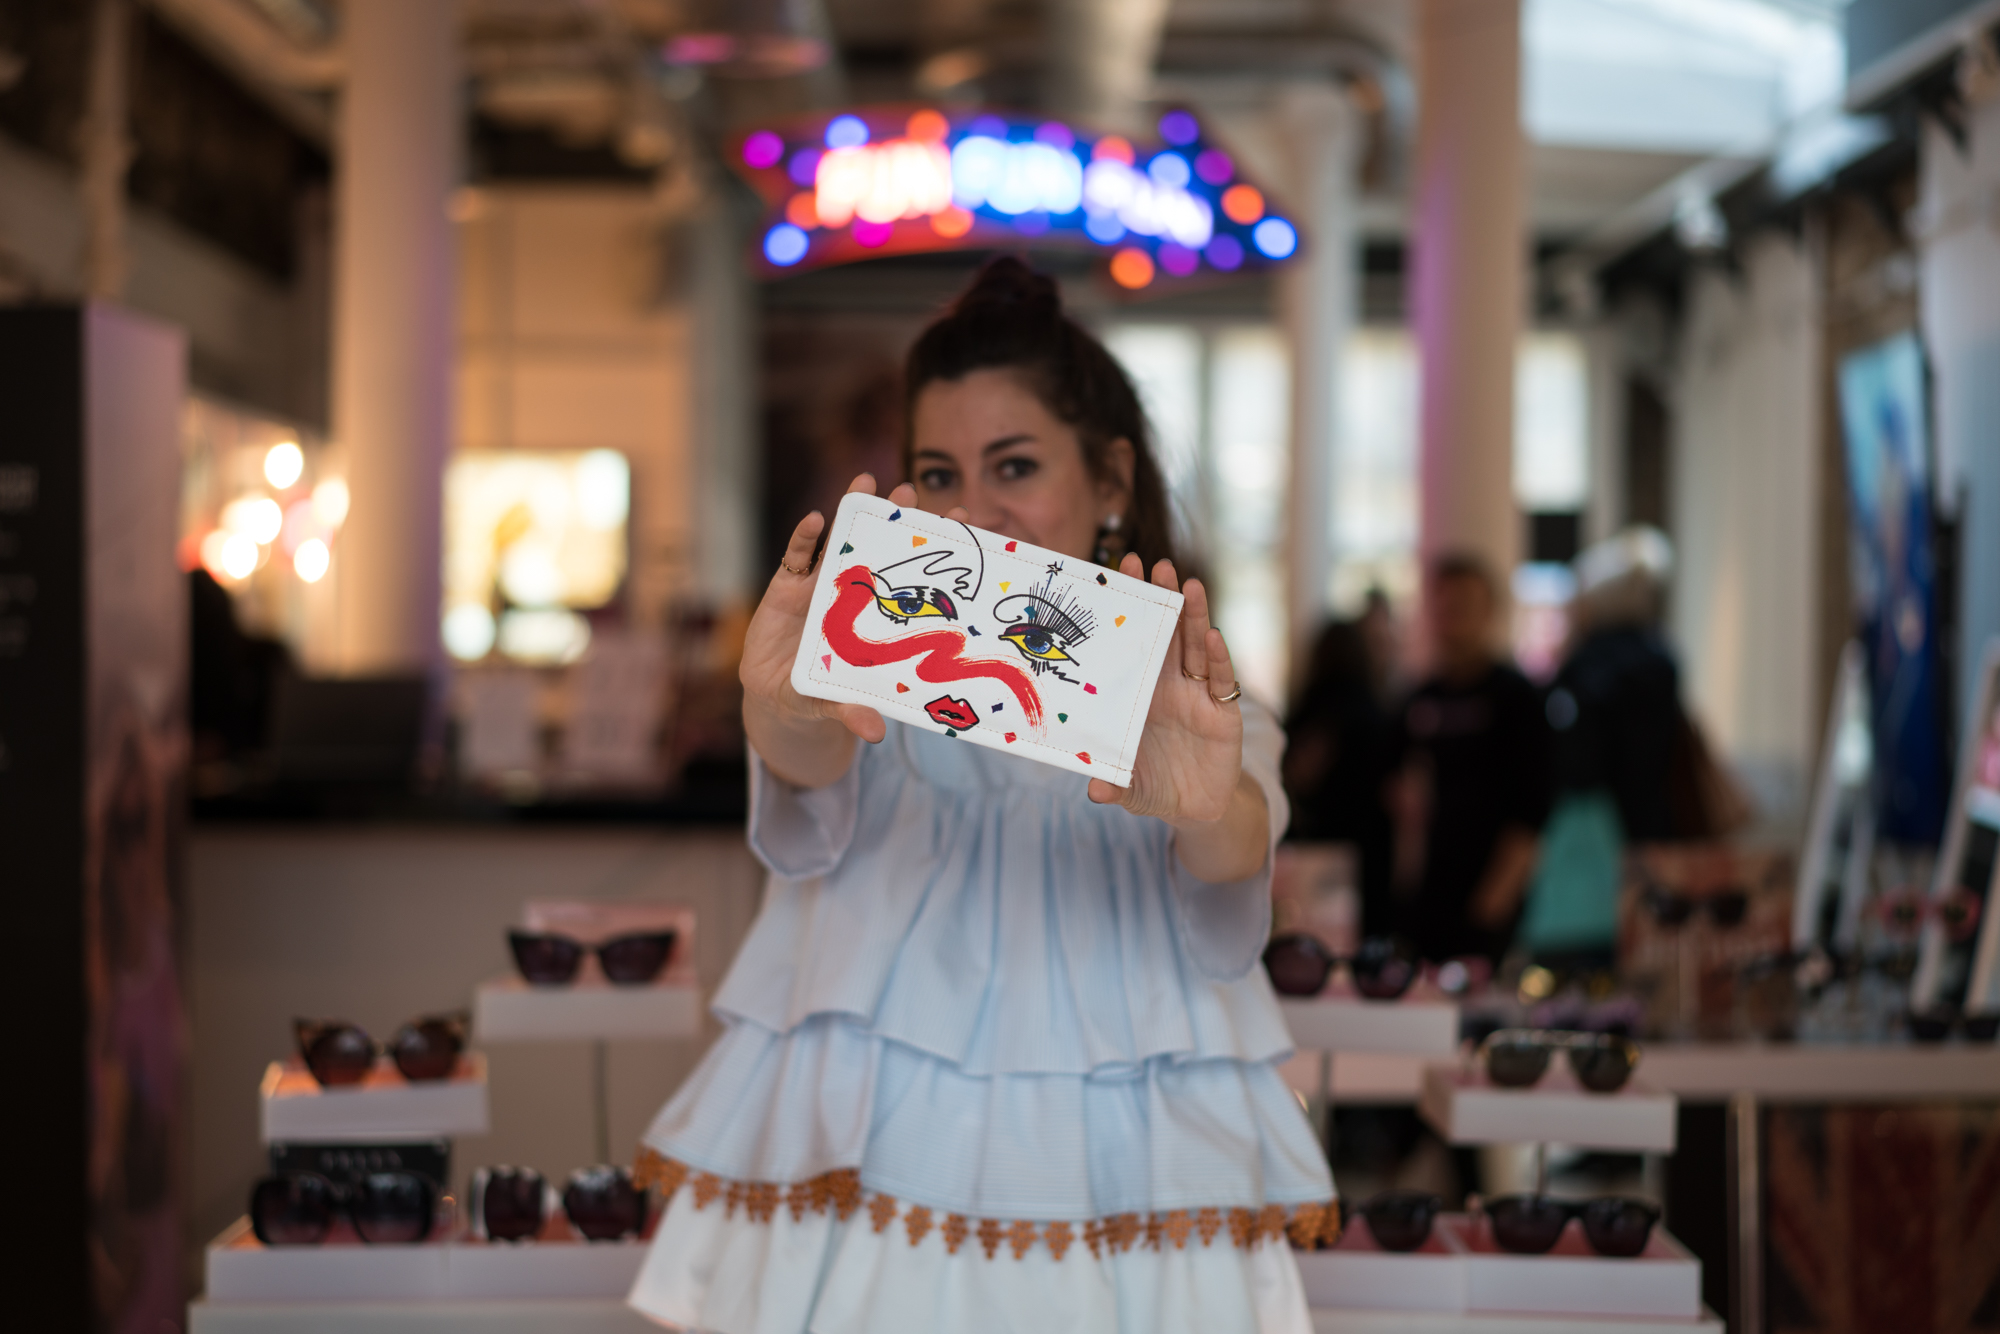 lfw, street style, london fashion week, sunglass hut, style, fashion, turkish style blogger, billur saatci, off ne giysem, mehtap elaidi, lug von siga, dolce gabbana, loeffler randall, dannijo,